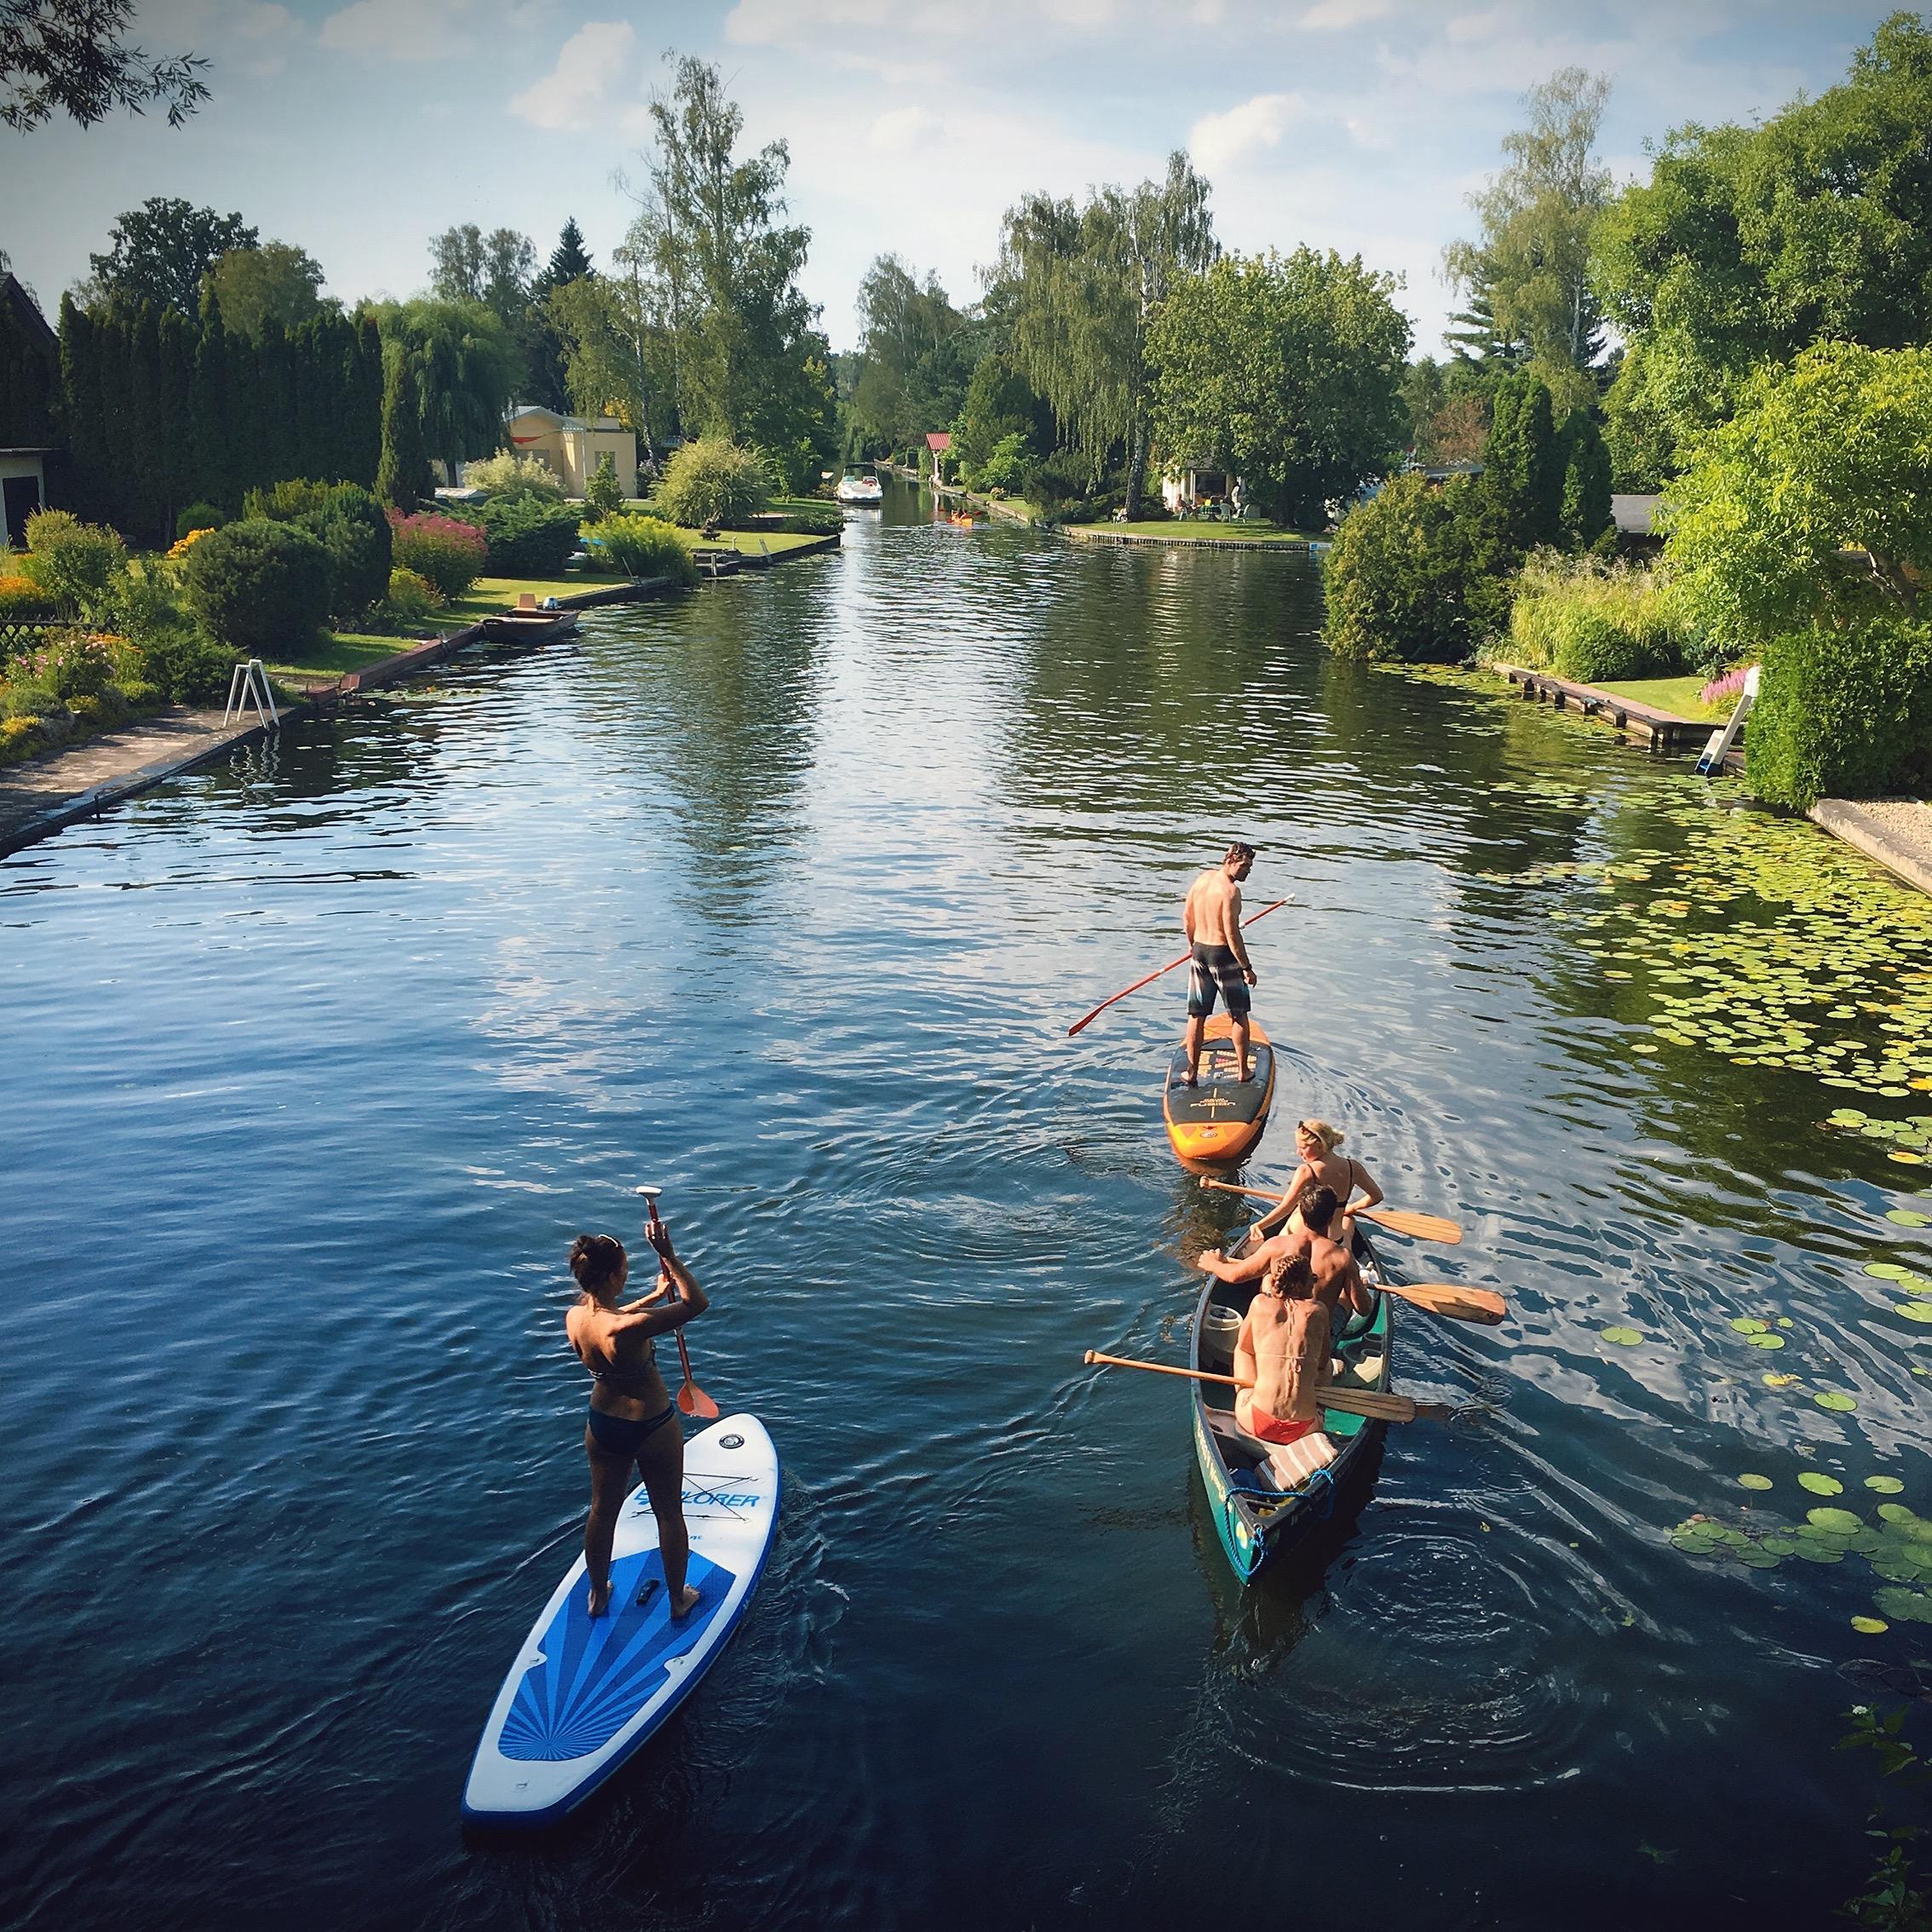 柏林郊区的运河有小威尼斯之称 作者图